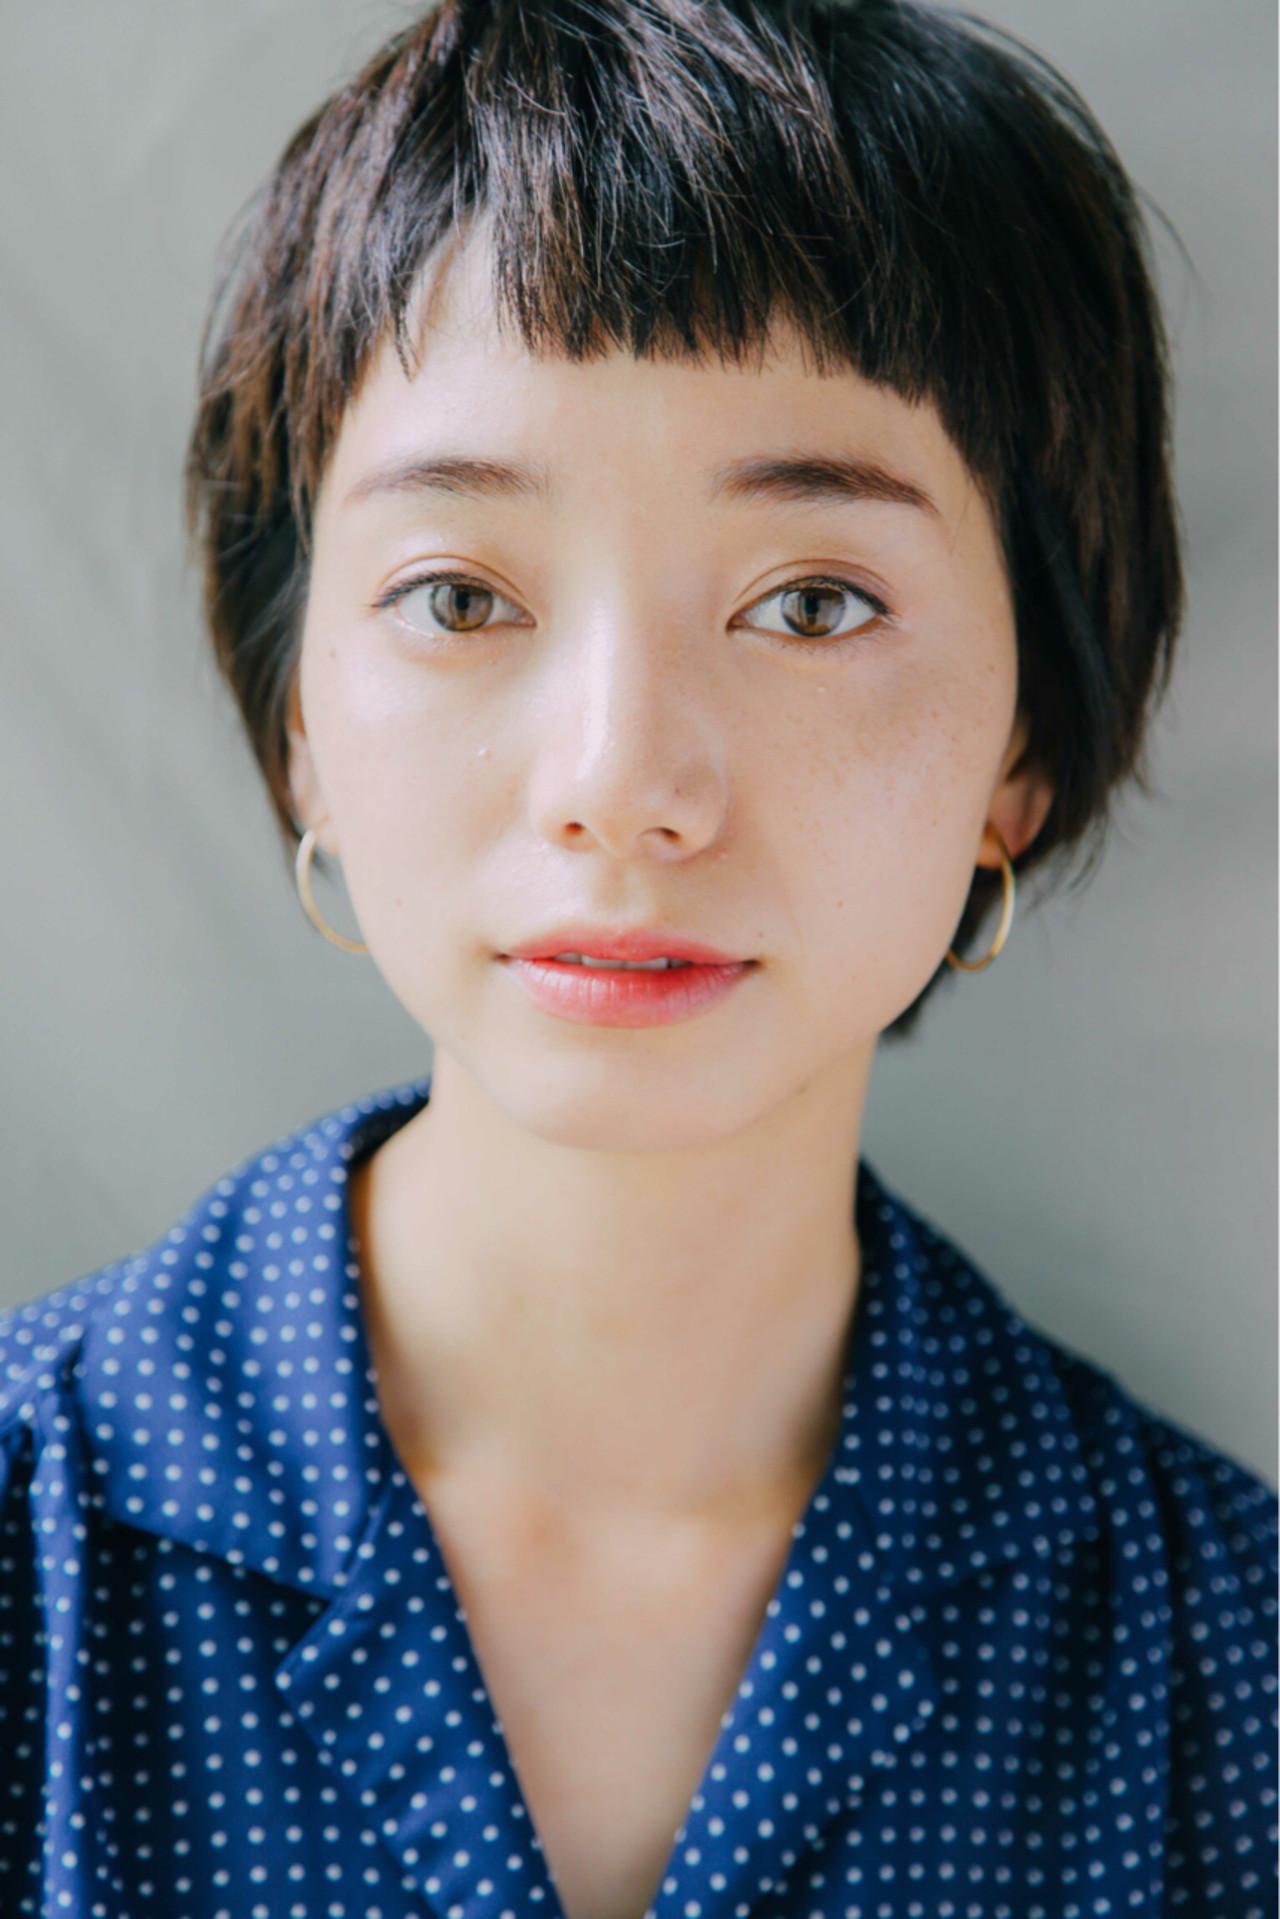 小顔 暗髪 似合わせ ナチュラル ヘアスタイルや髪型の写真・画像